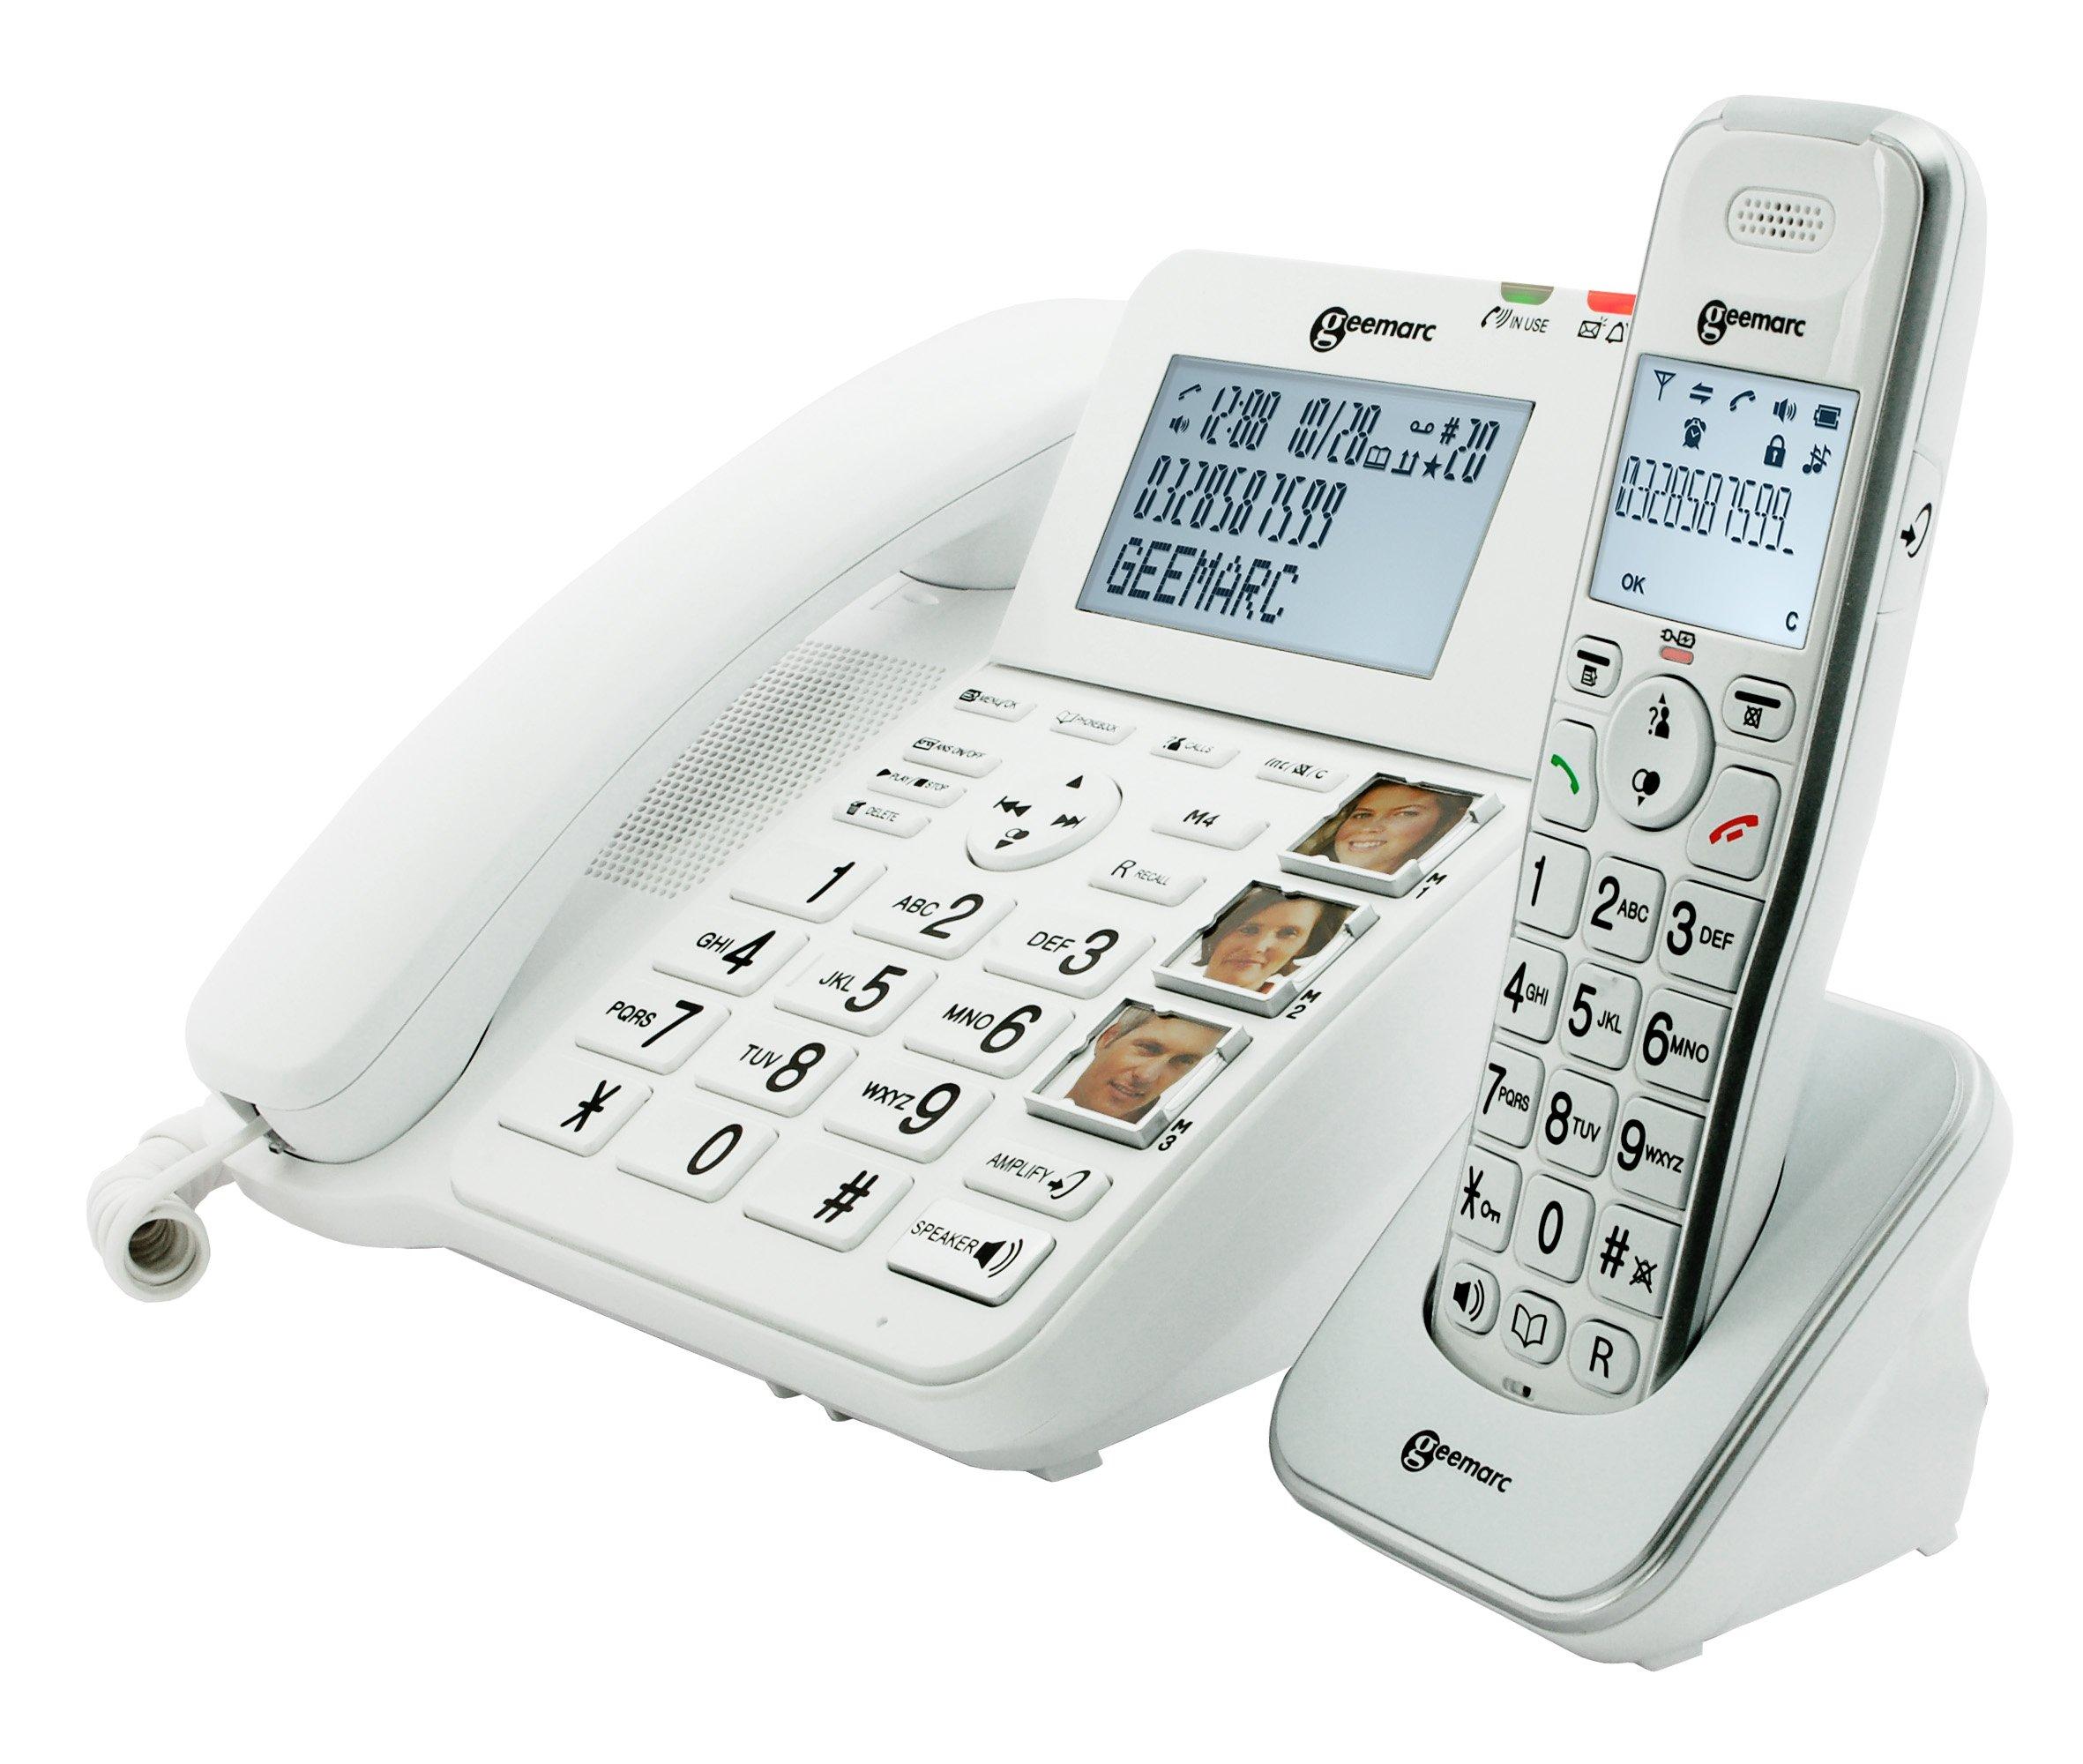 Geemarc AMPLIDECT Combi 295 Schnurgebundenes teléfono para Personas Mayores contestador automático (Voz/versión Alemana), Foto-Tasten Beleuchte: Amazon.es: Electrónica